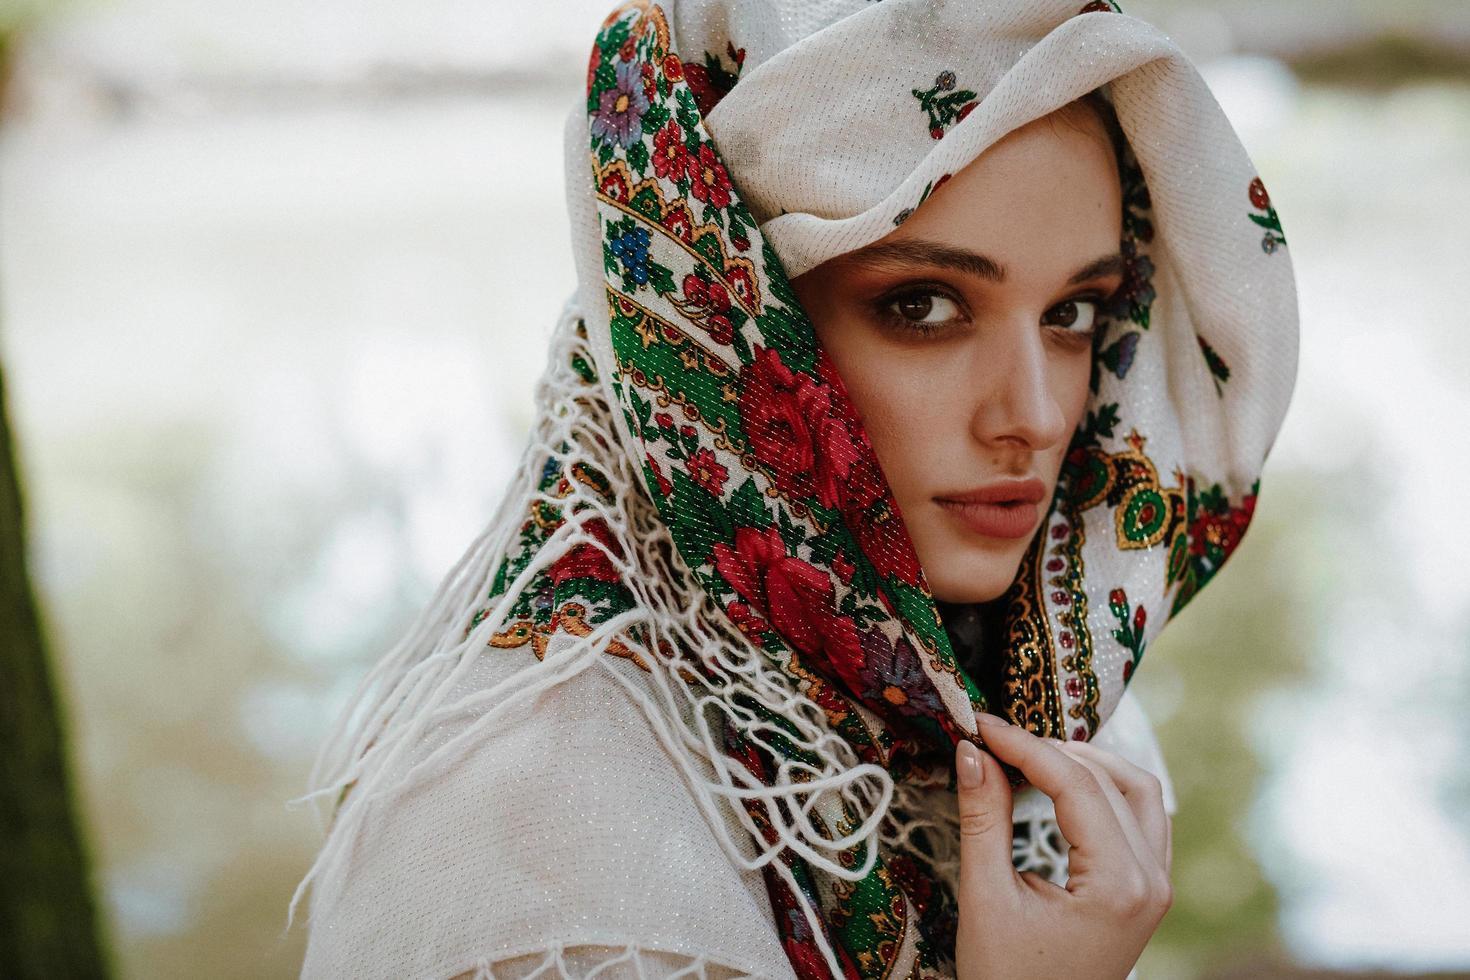 Retrato de una hermosa niña con un vestido bordado ucraniano foto